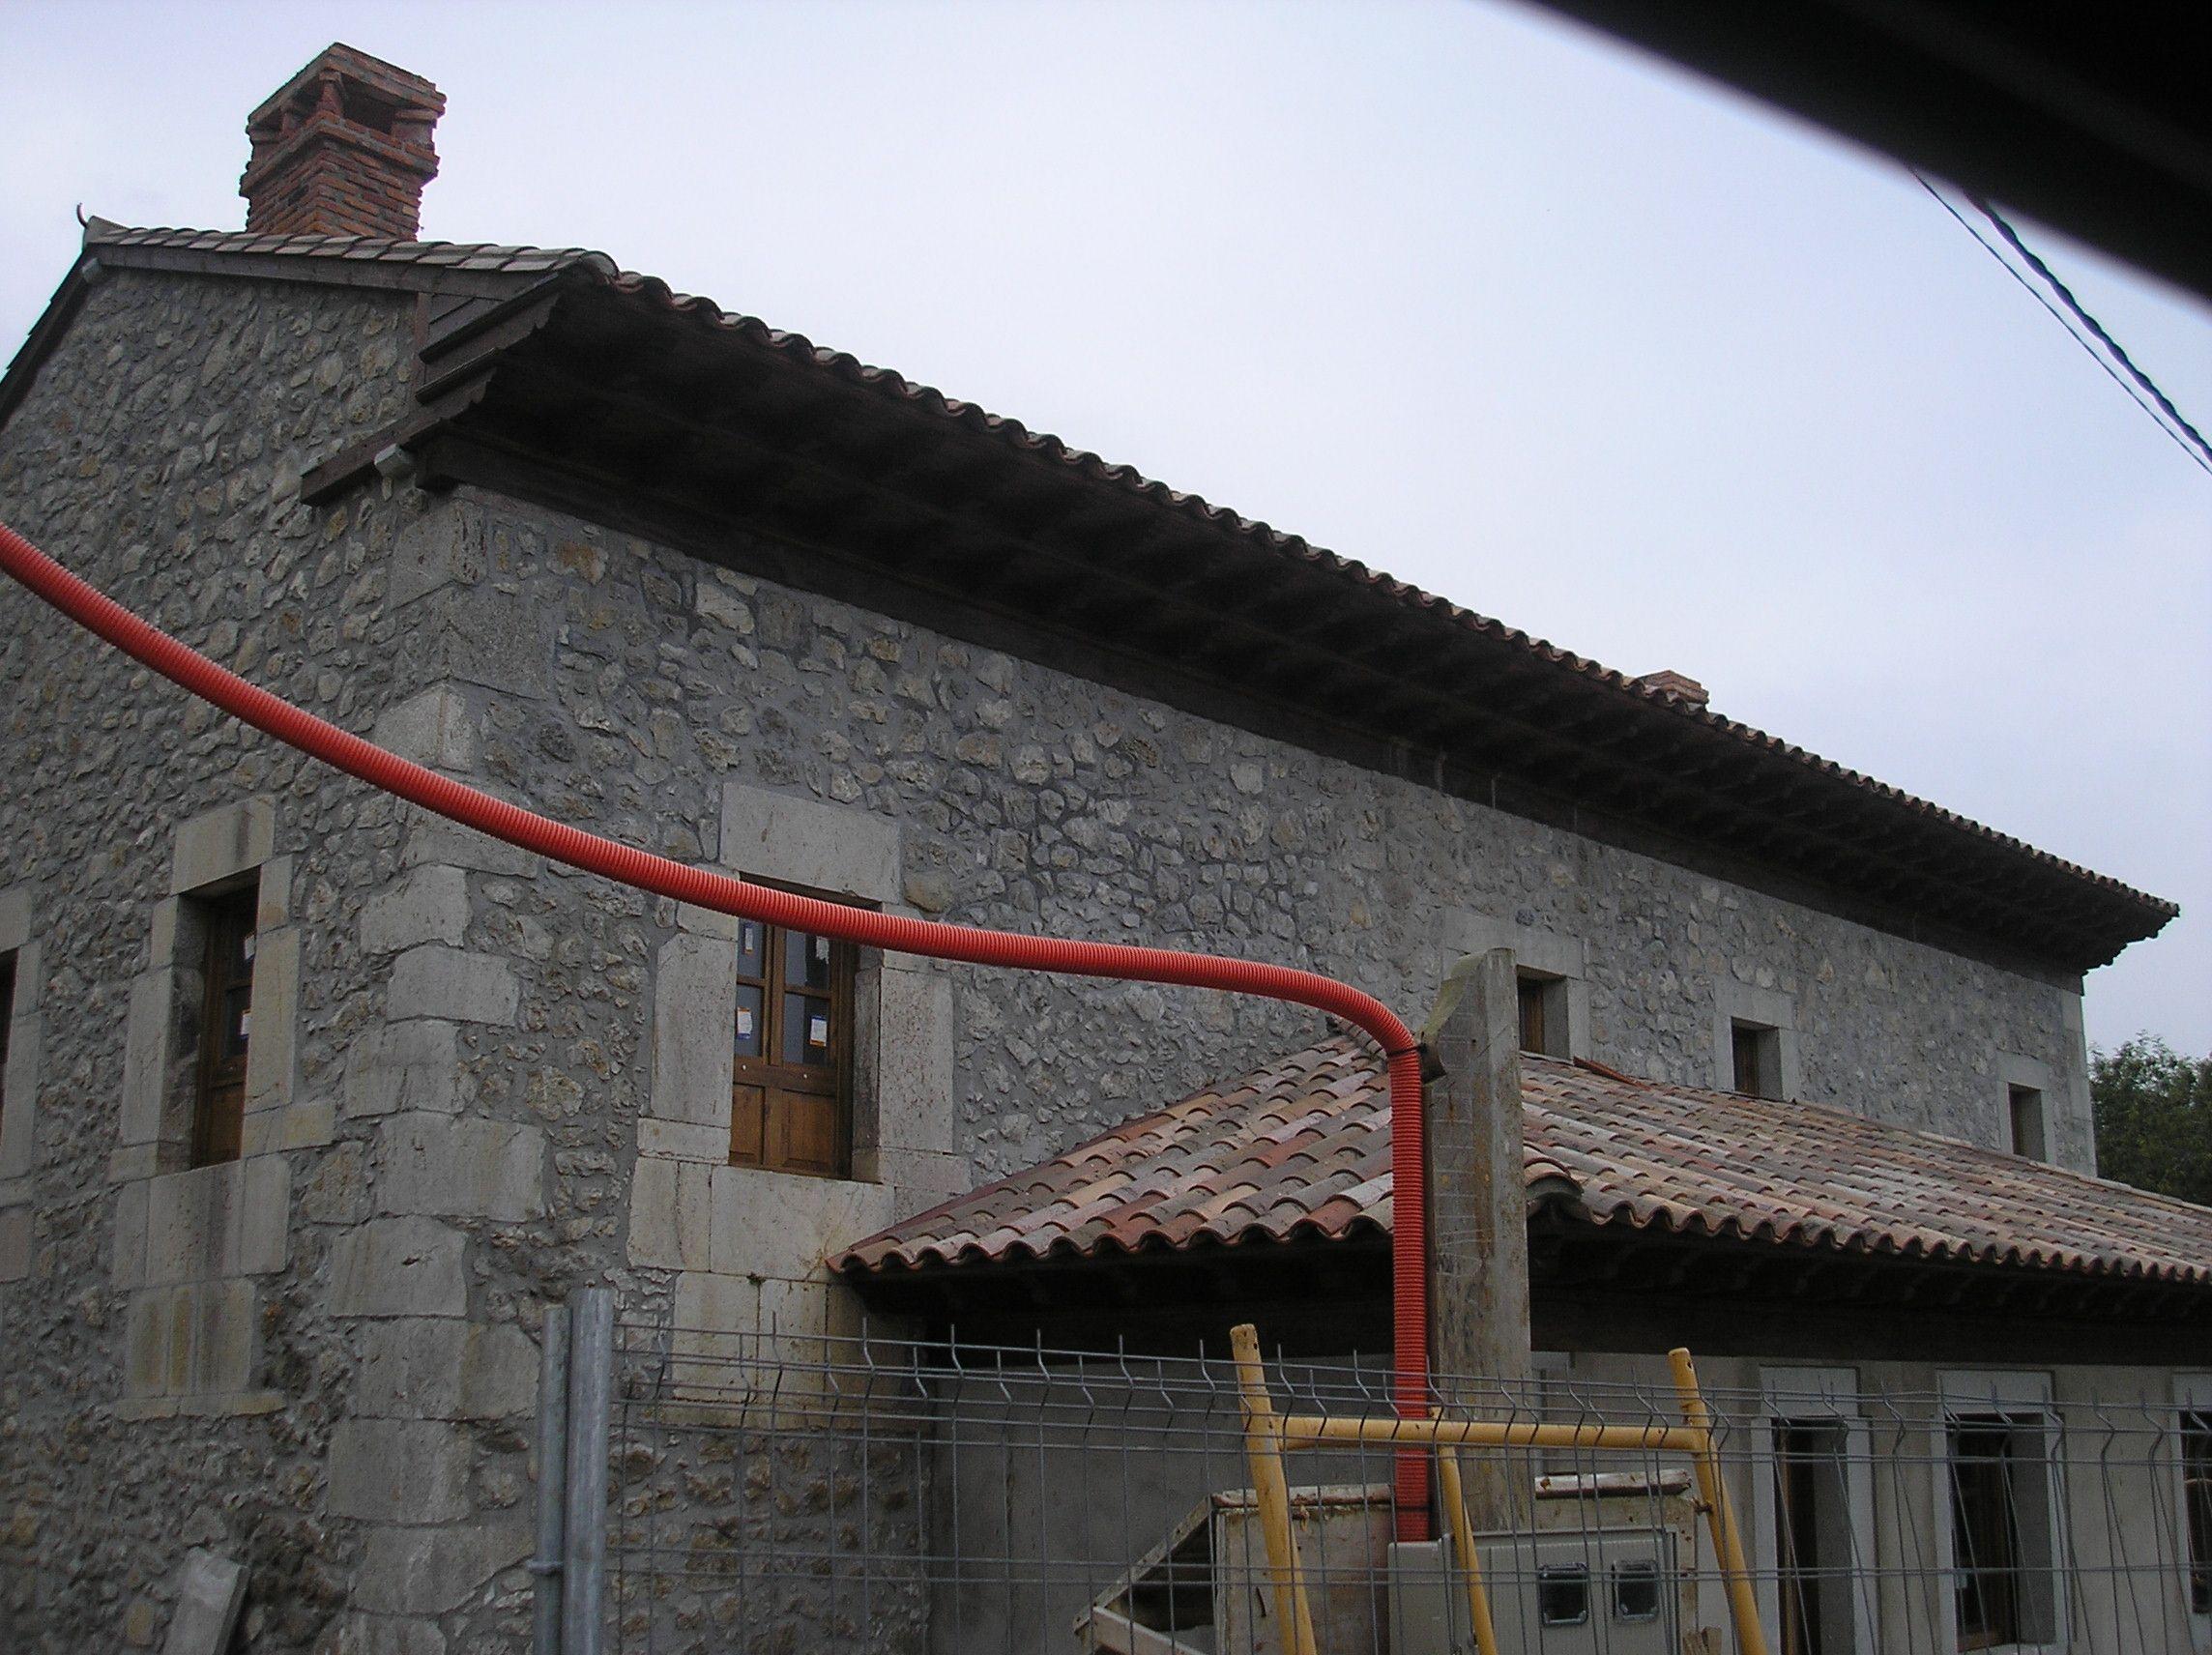 Tejado a dos aguas y tejadillo a 3 aguas en casa estilo for Tejados de madera a 4 aguas